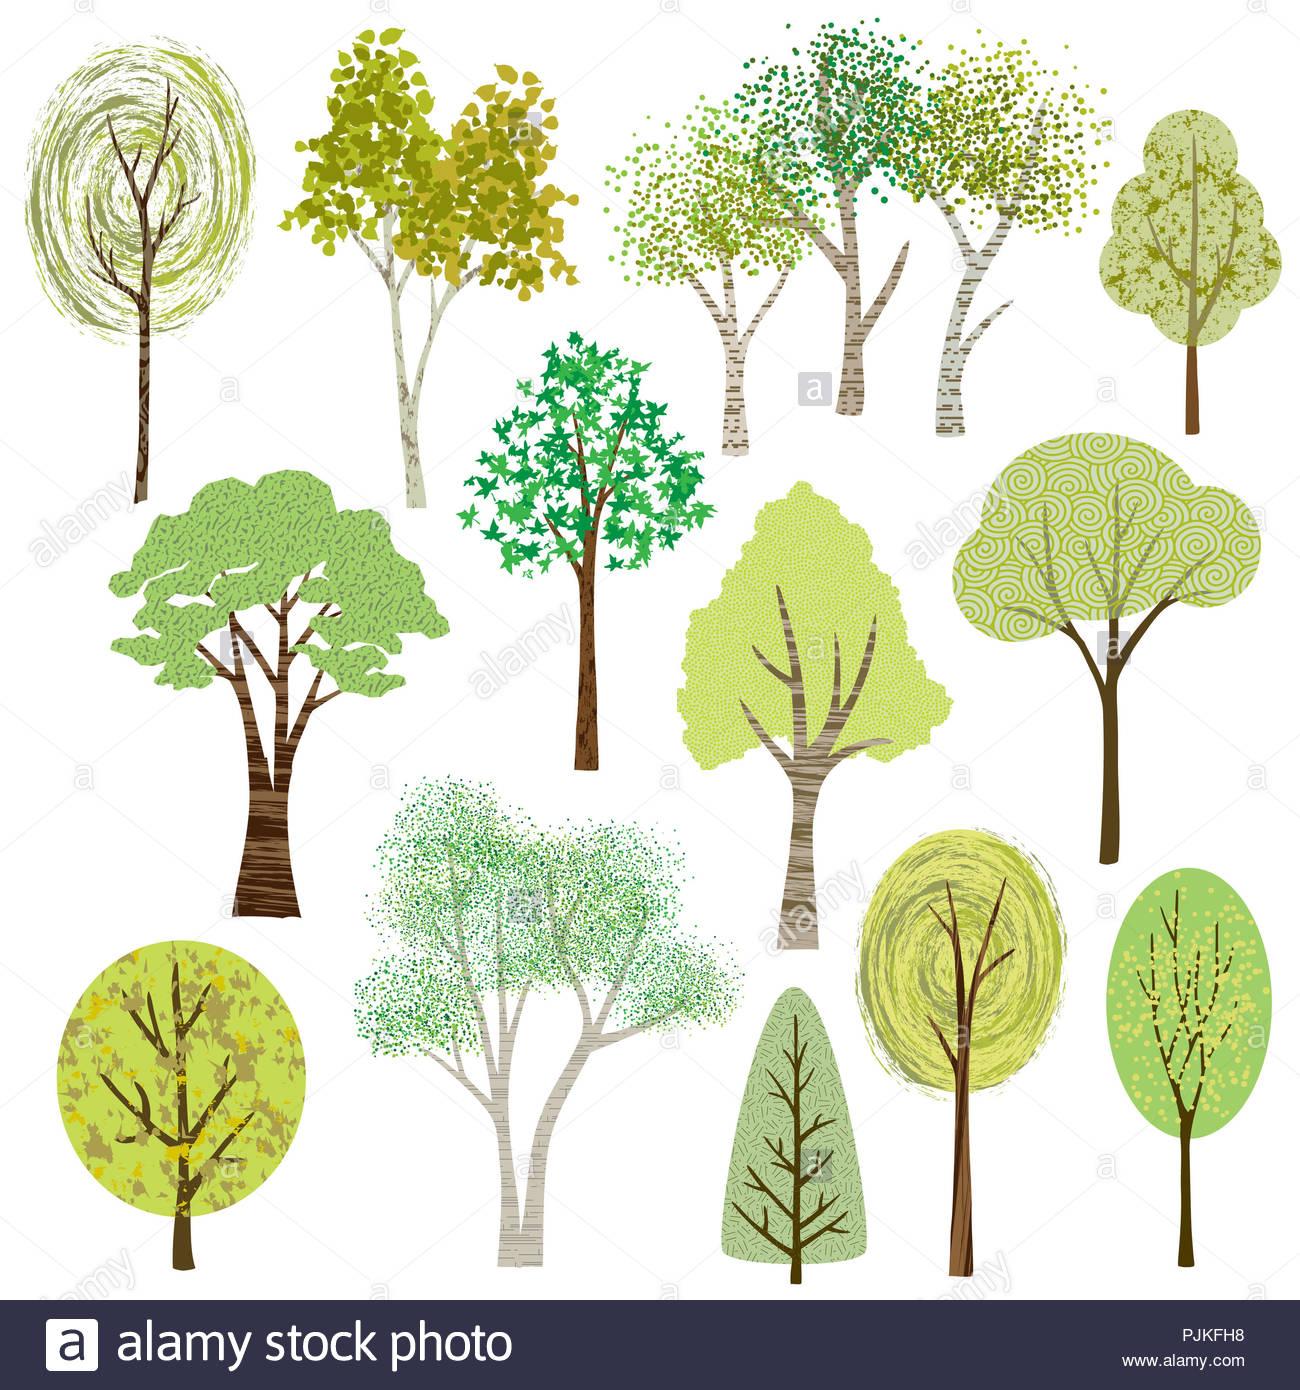 Eine Sammlung Von 13 Verschiedenen Frühling Und Sommer Vektor Wald